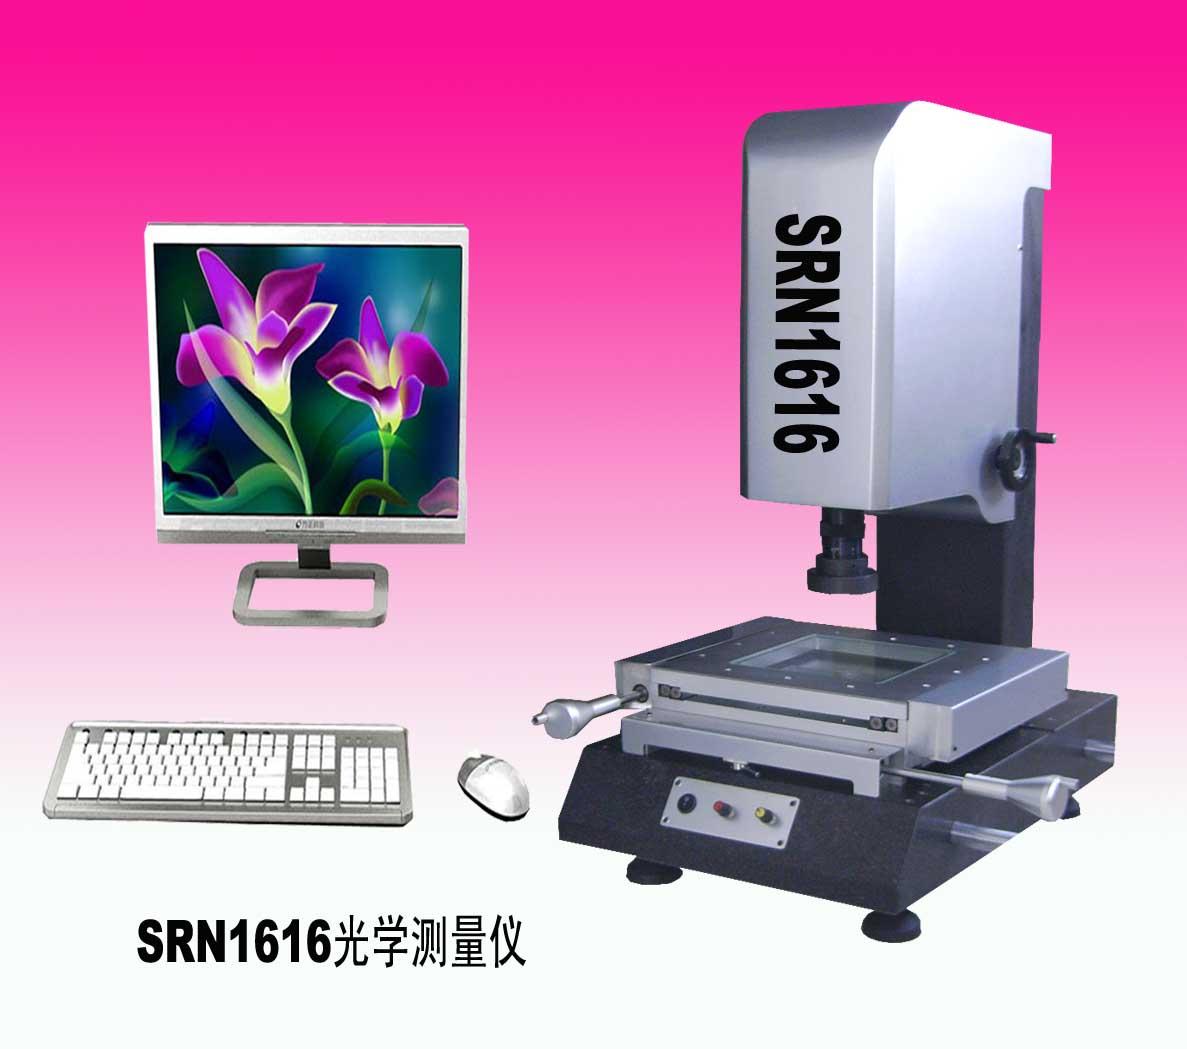 SRN1616 高精密光学测量仪器